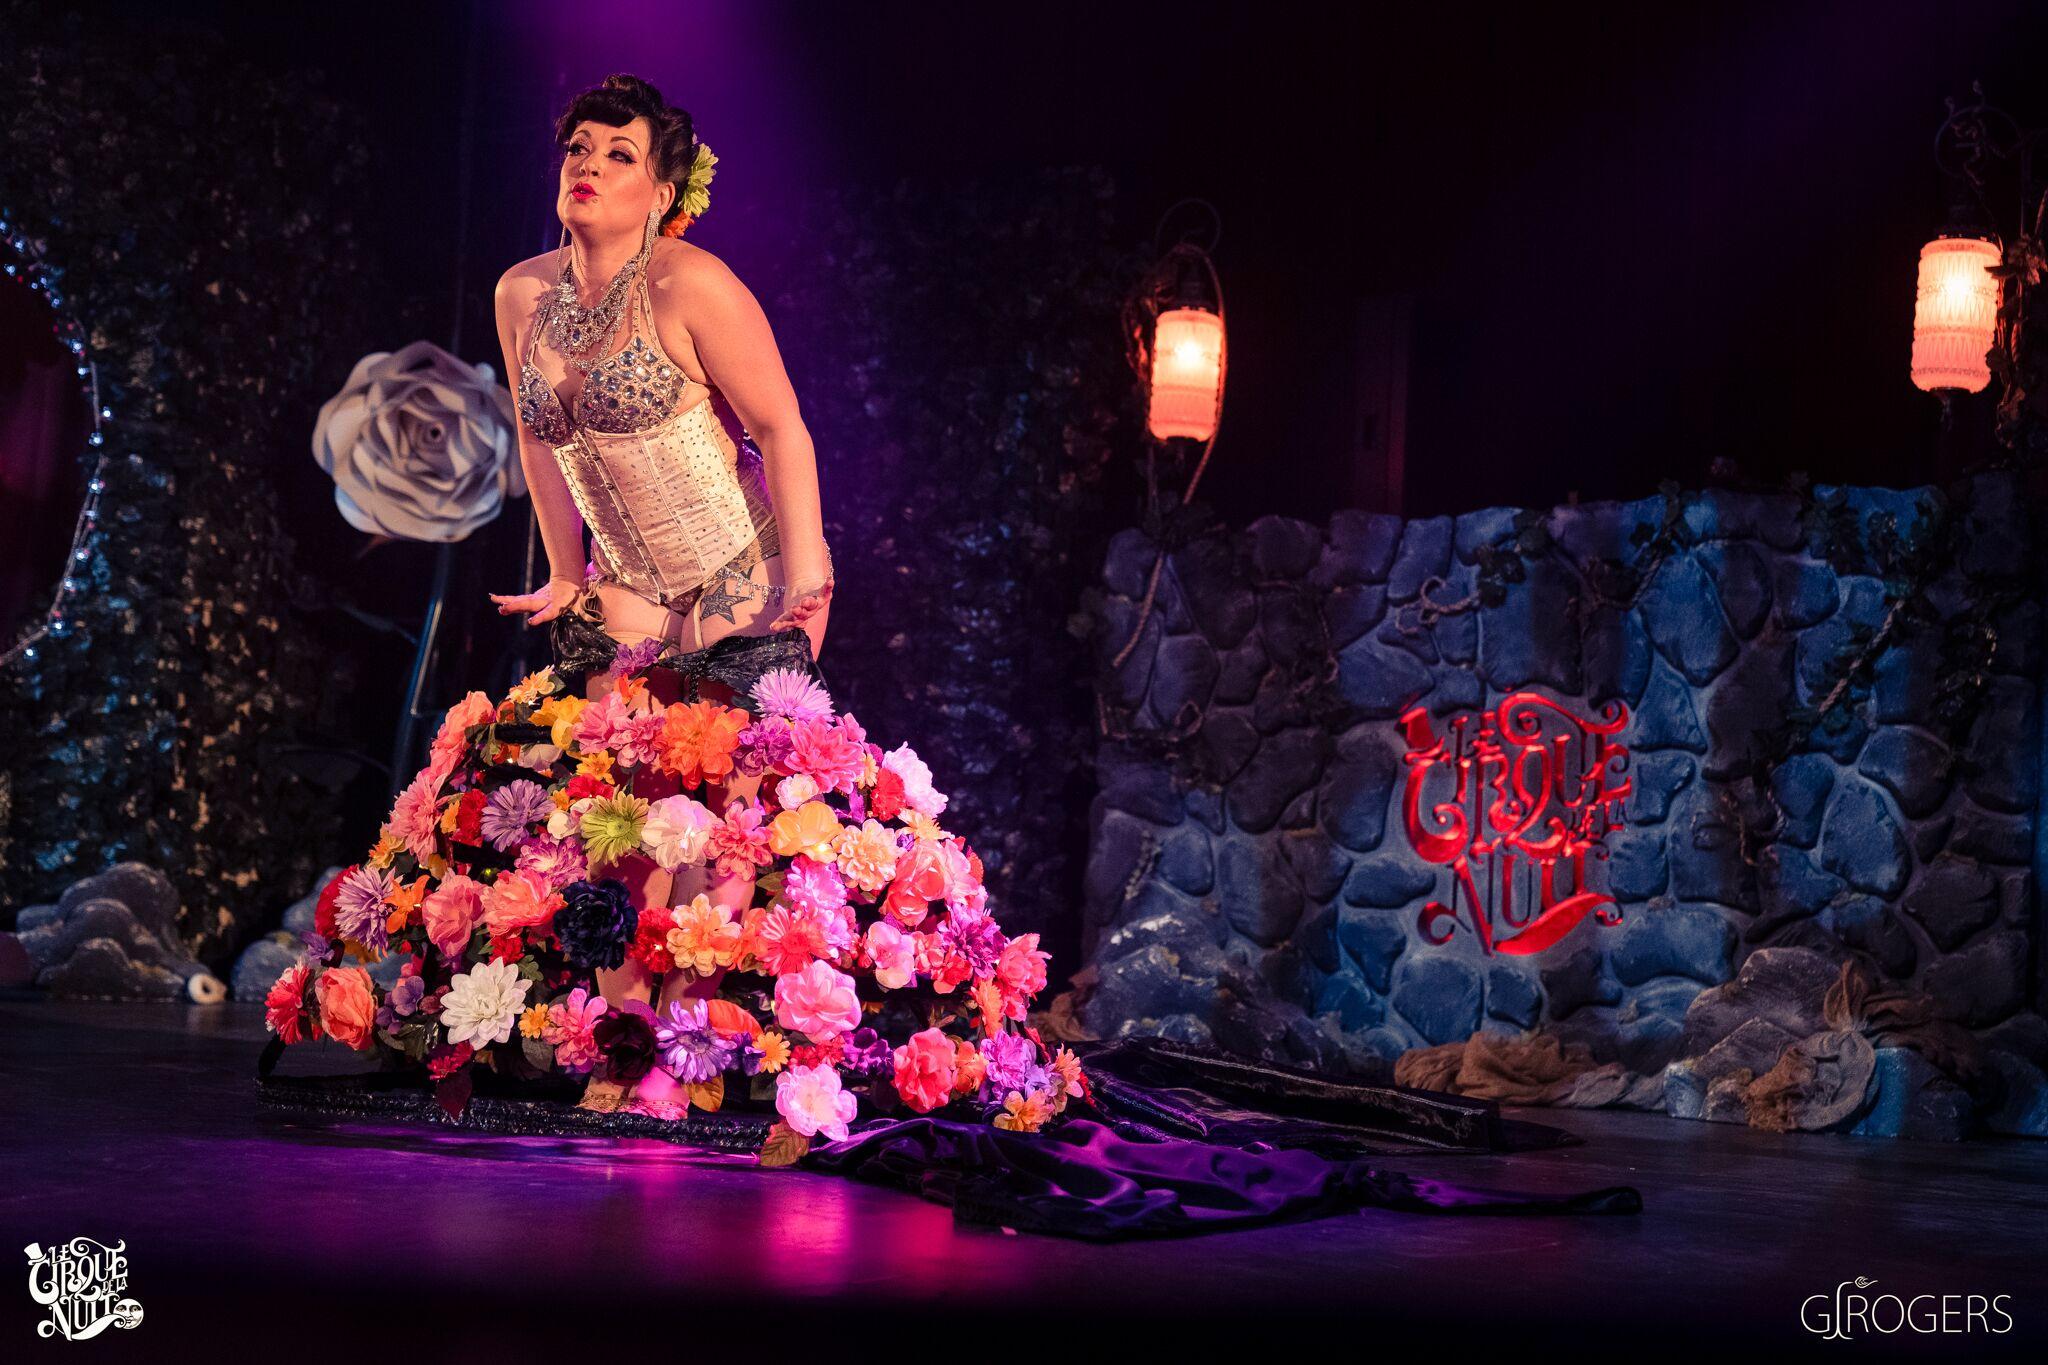 Daisy performing at  Le Cirque De La Nuit  in April, 2019.